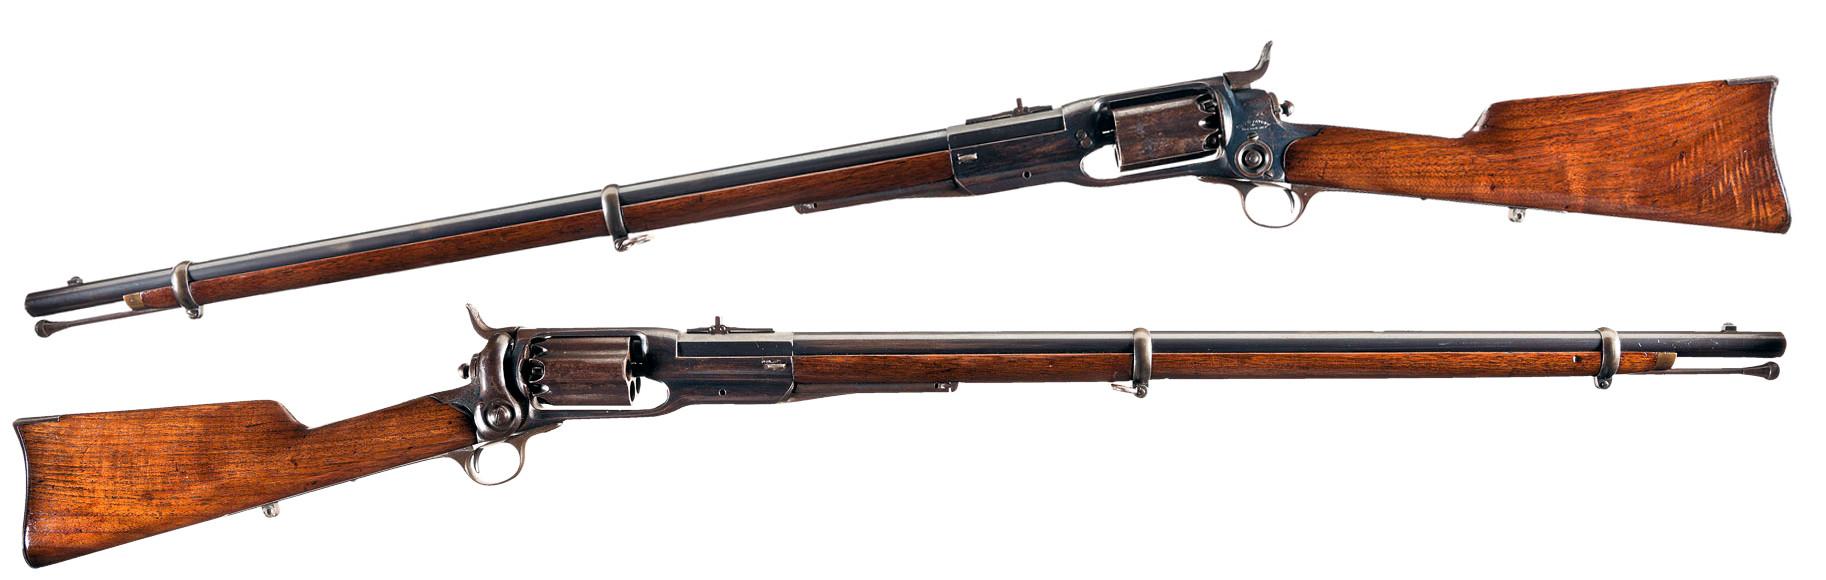 Виды пистолетов от кольта до беретты